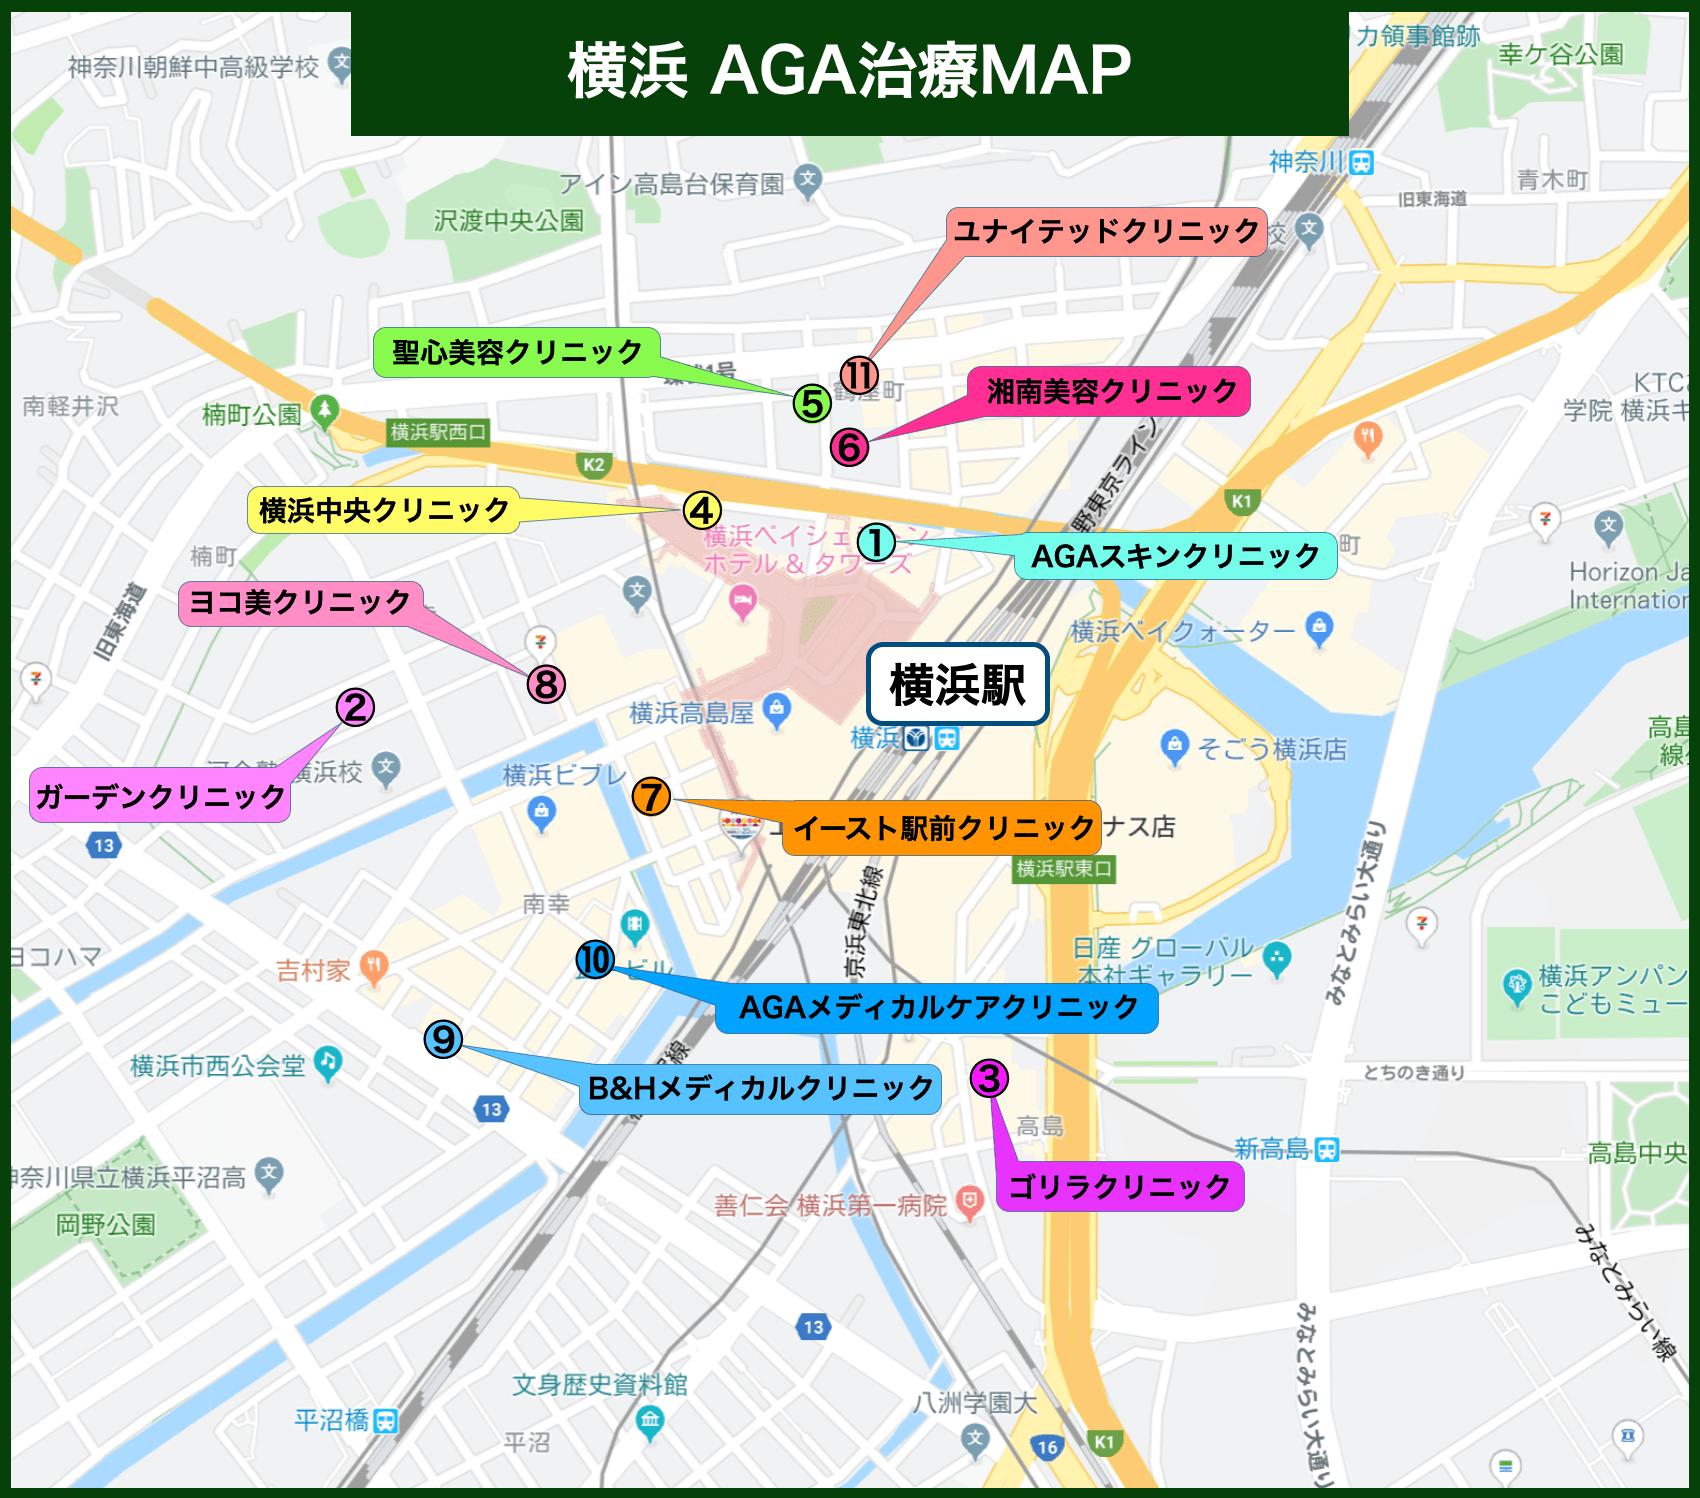 神奈川AGA治療MAP